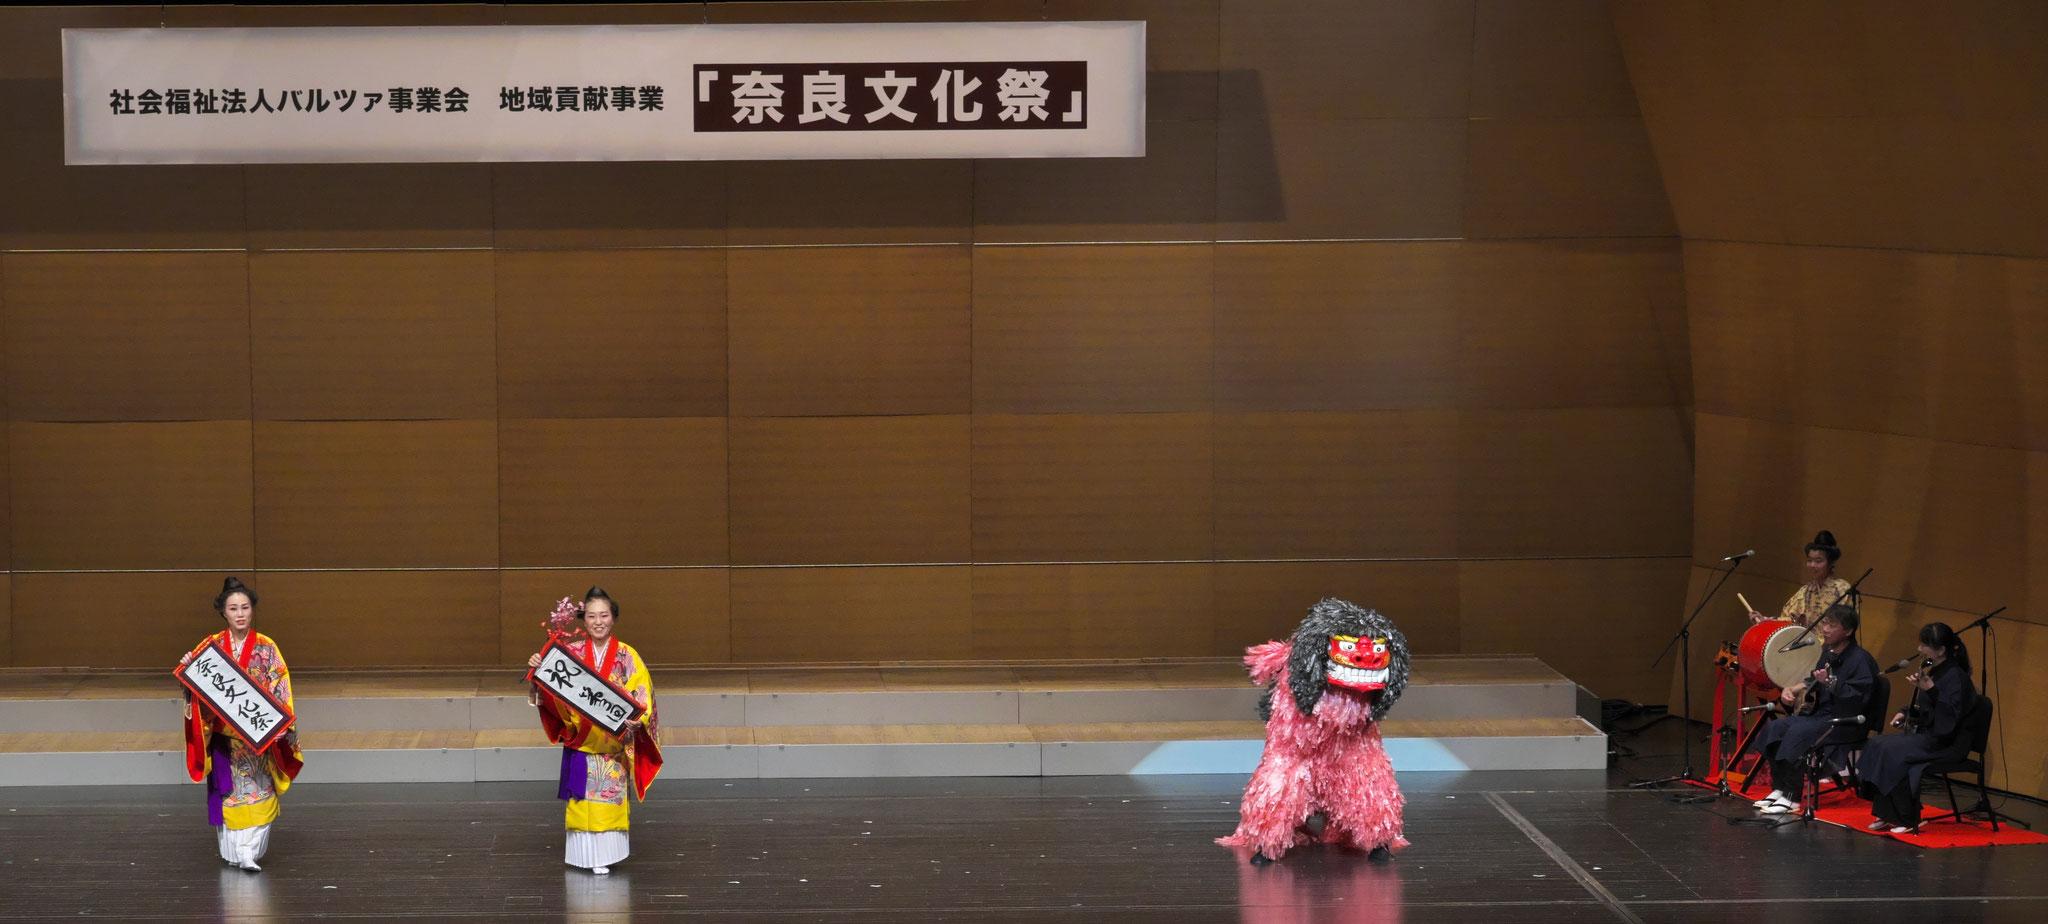 琉球舞踊 伊佐幸子琉舞道場